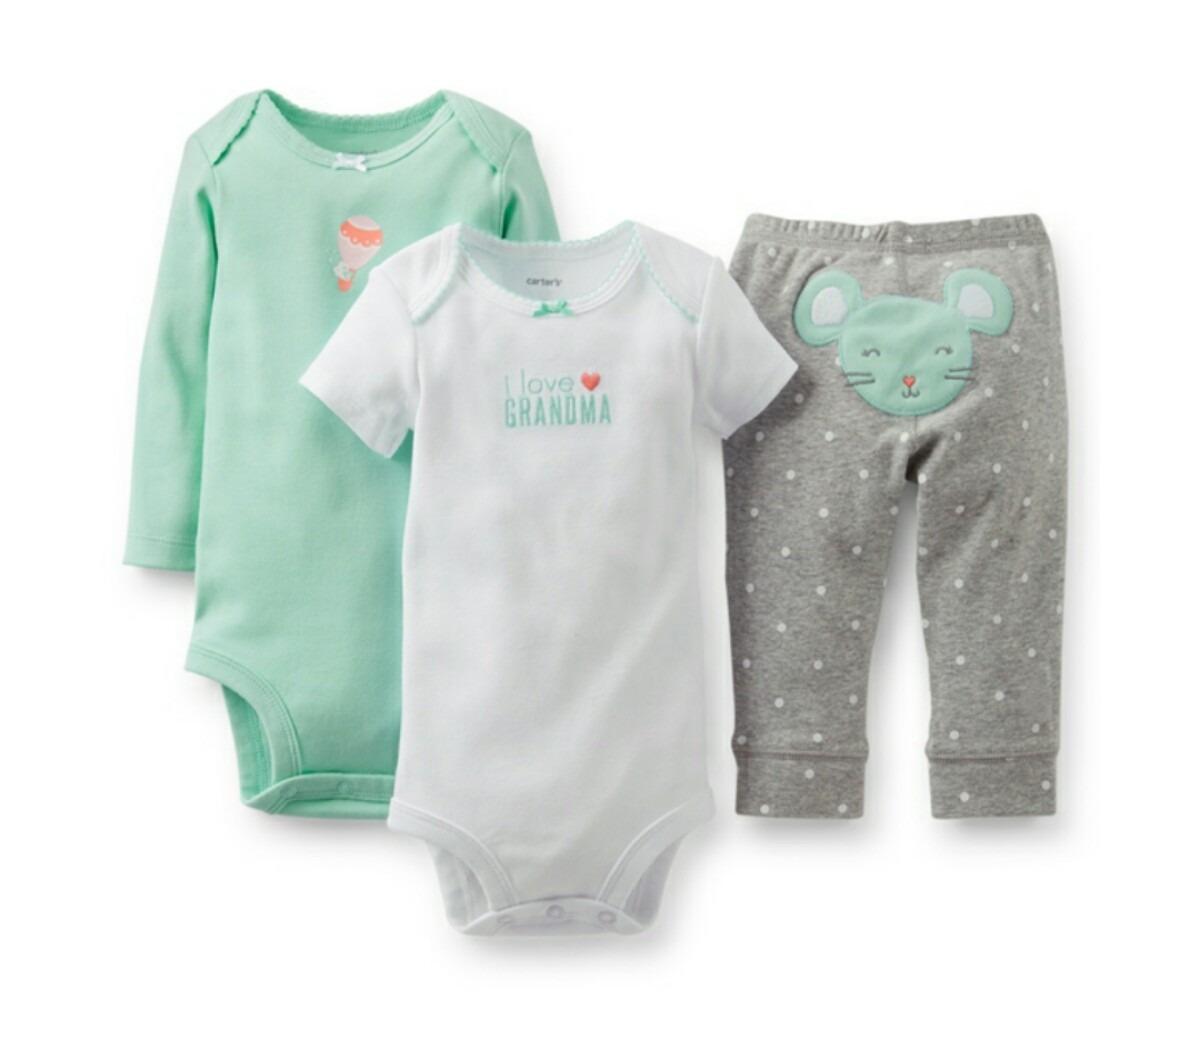 f611d69be conjunto ropa bebe niño carter´s 3 piezas talles varios. Cargando zoom.